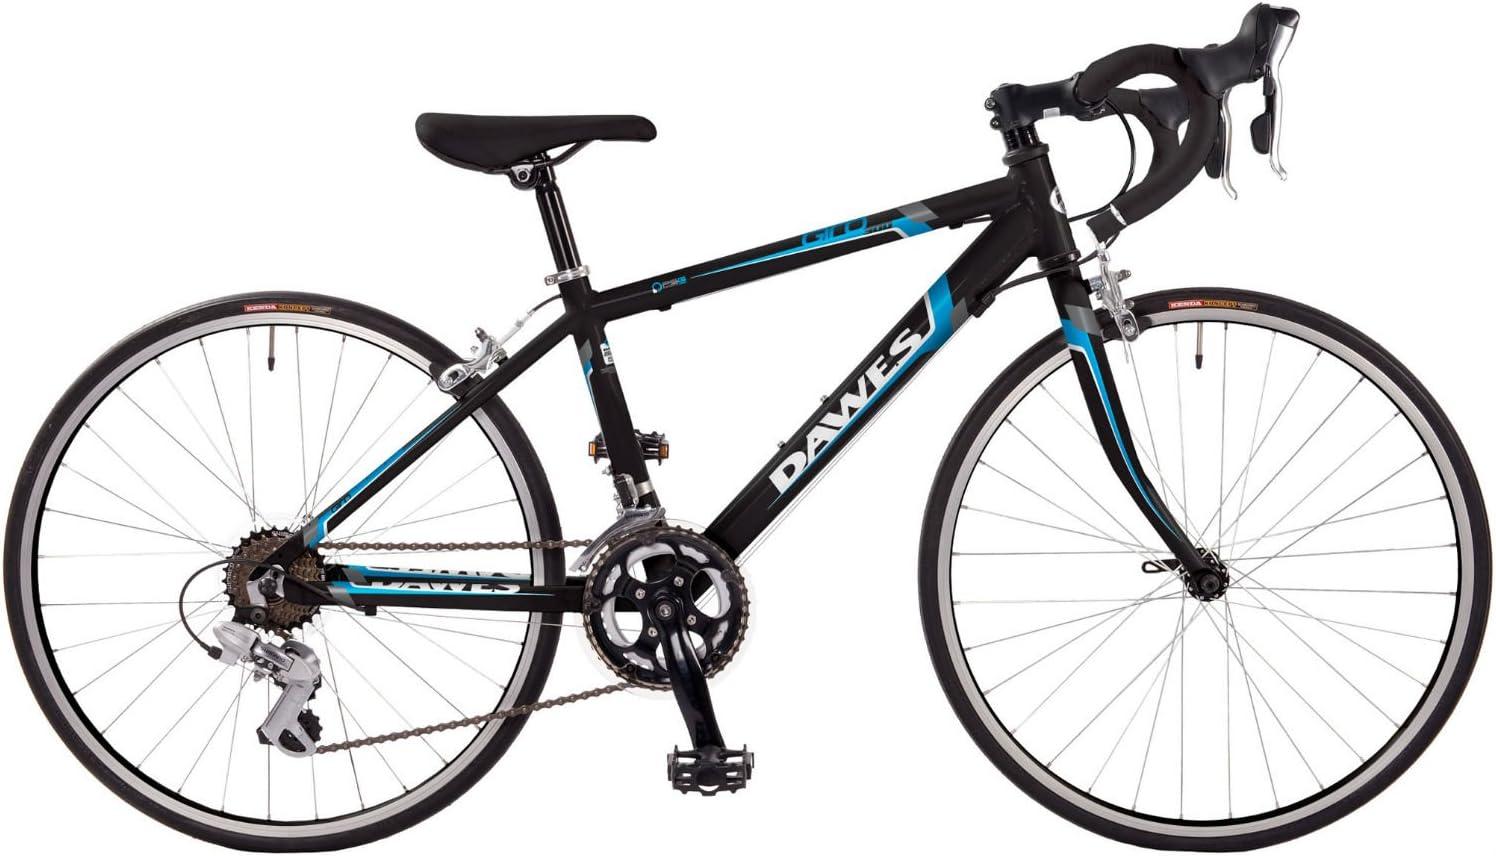 DAWES GIRO 300 66,04 cm rueda para bicicleta de carretera RACER - pequeño 40,64 cm Marco - más barato bicicleta con STI palancas: Amazon.es: Deportes y aire libre